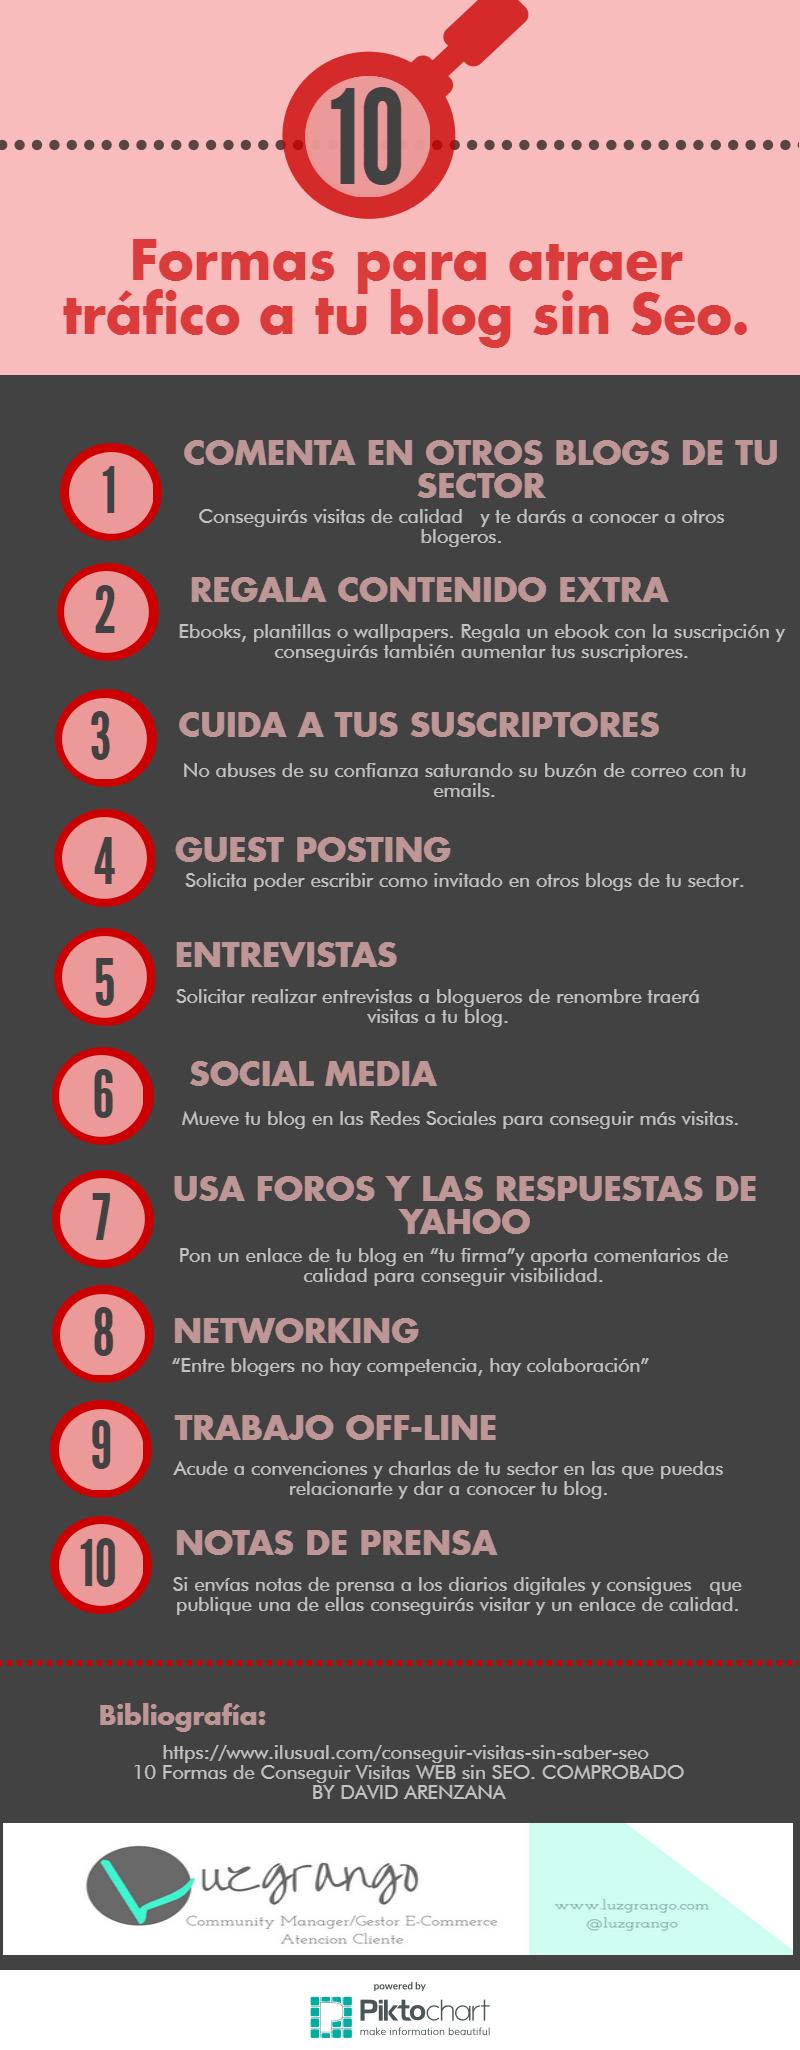 10 formas de atraer tráfico a tu Blog sin SEO #infografia #socialmedia #seo